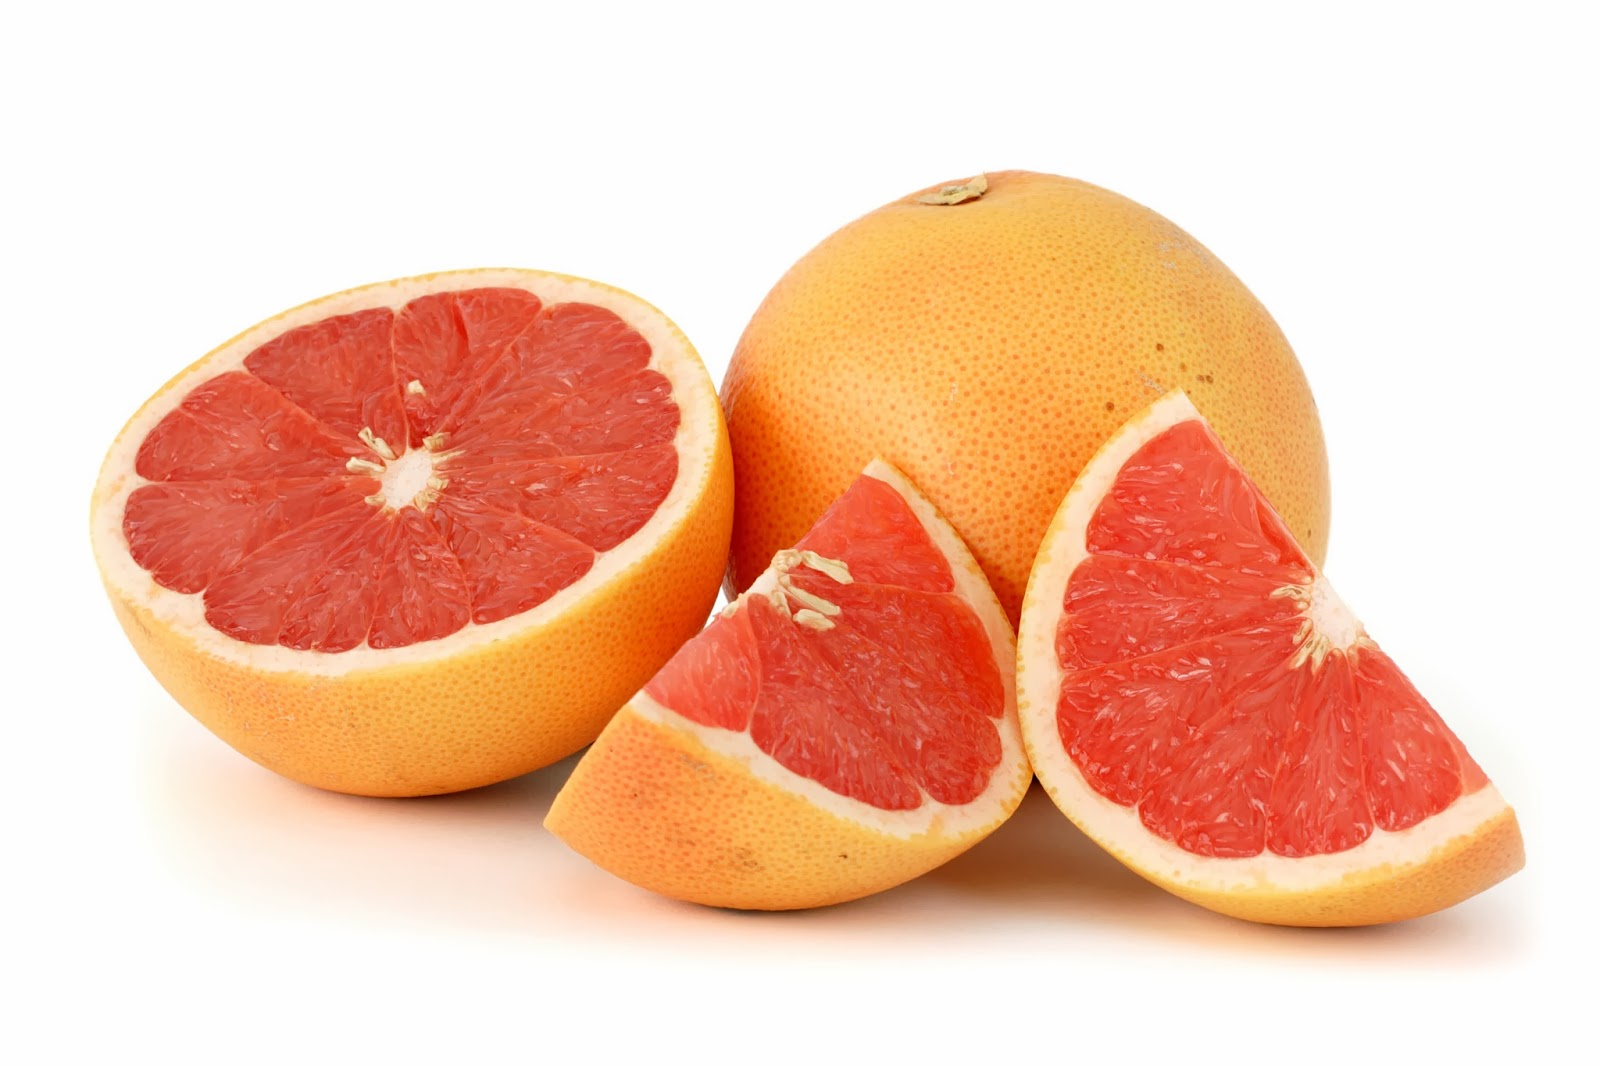 Orangelo